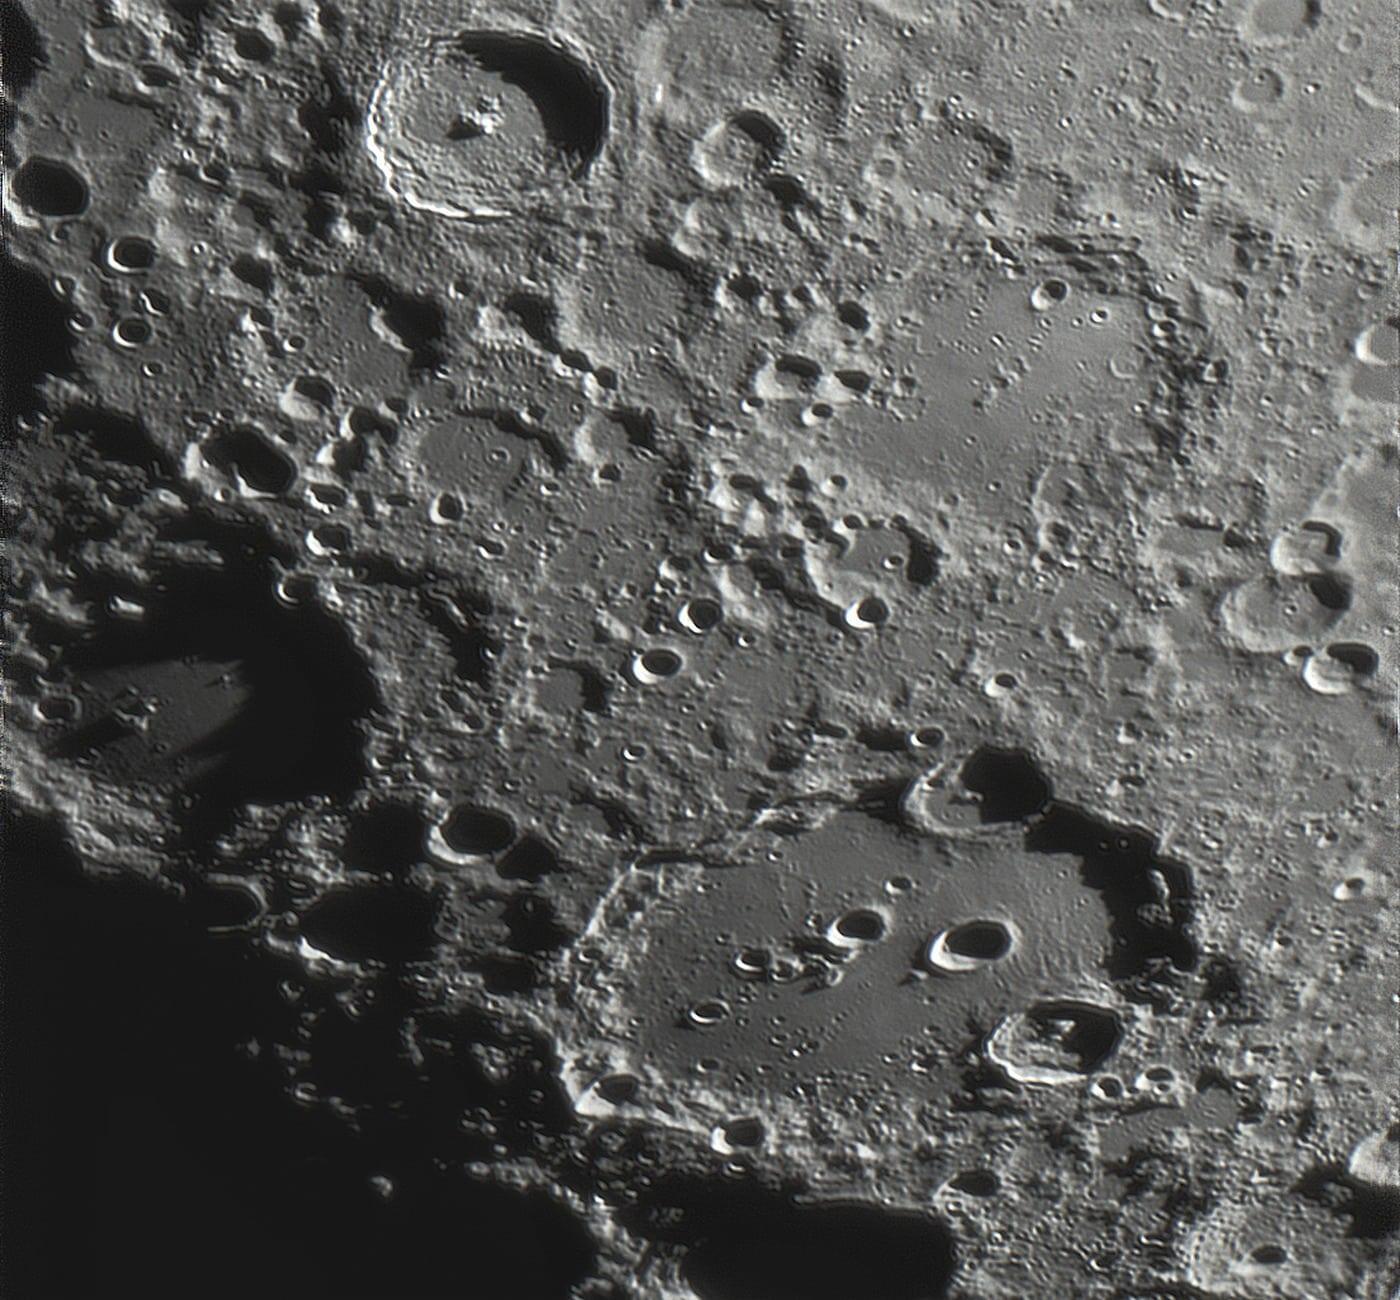 Clavius und Umgebung